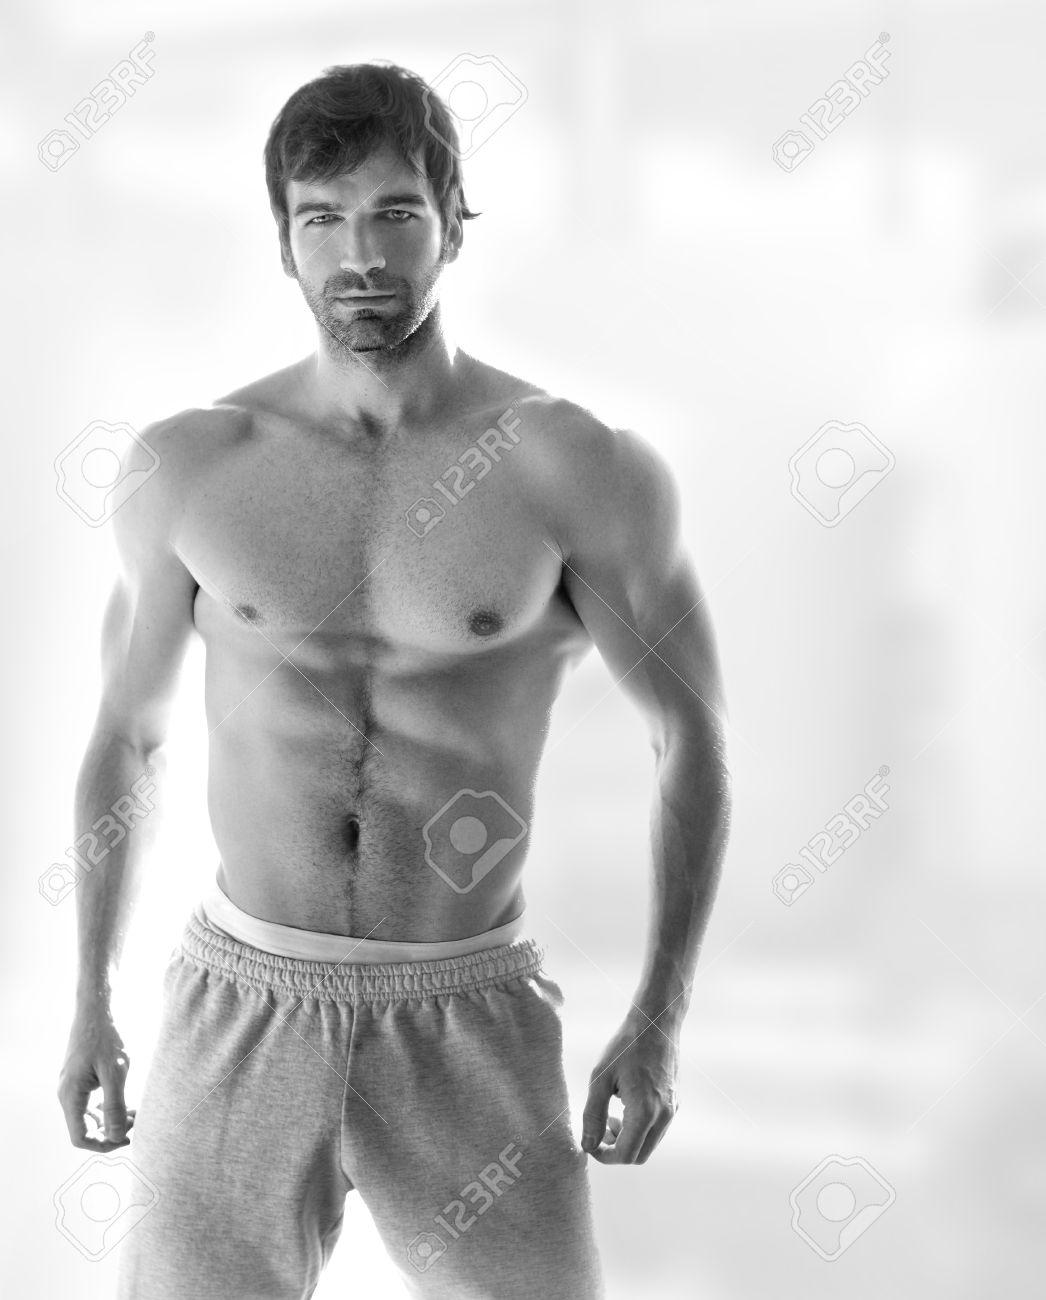 chaud nu sexy photos gay Leguer porno